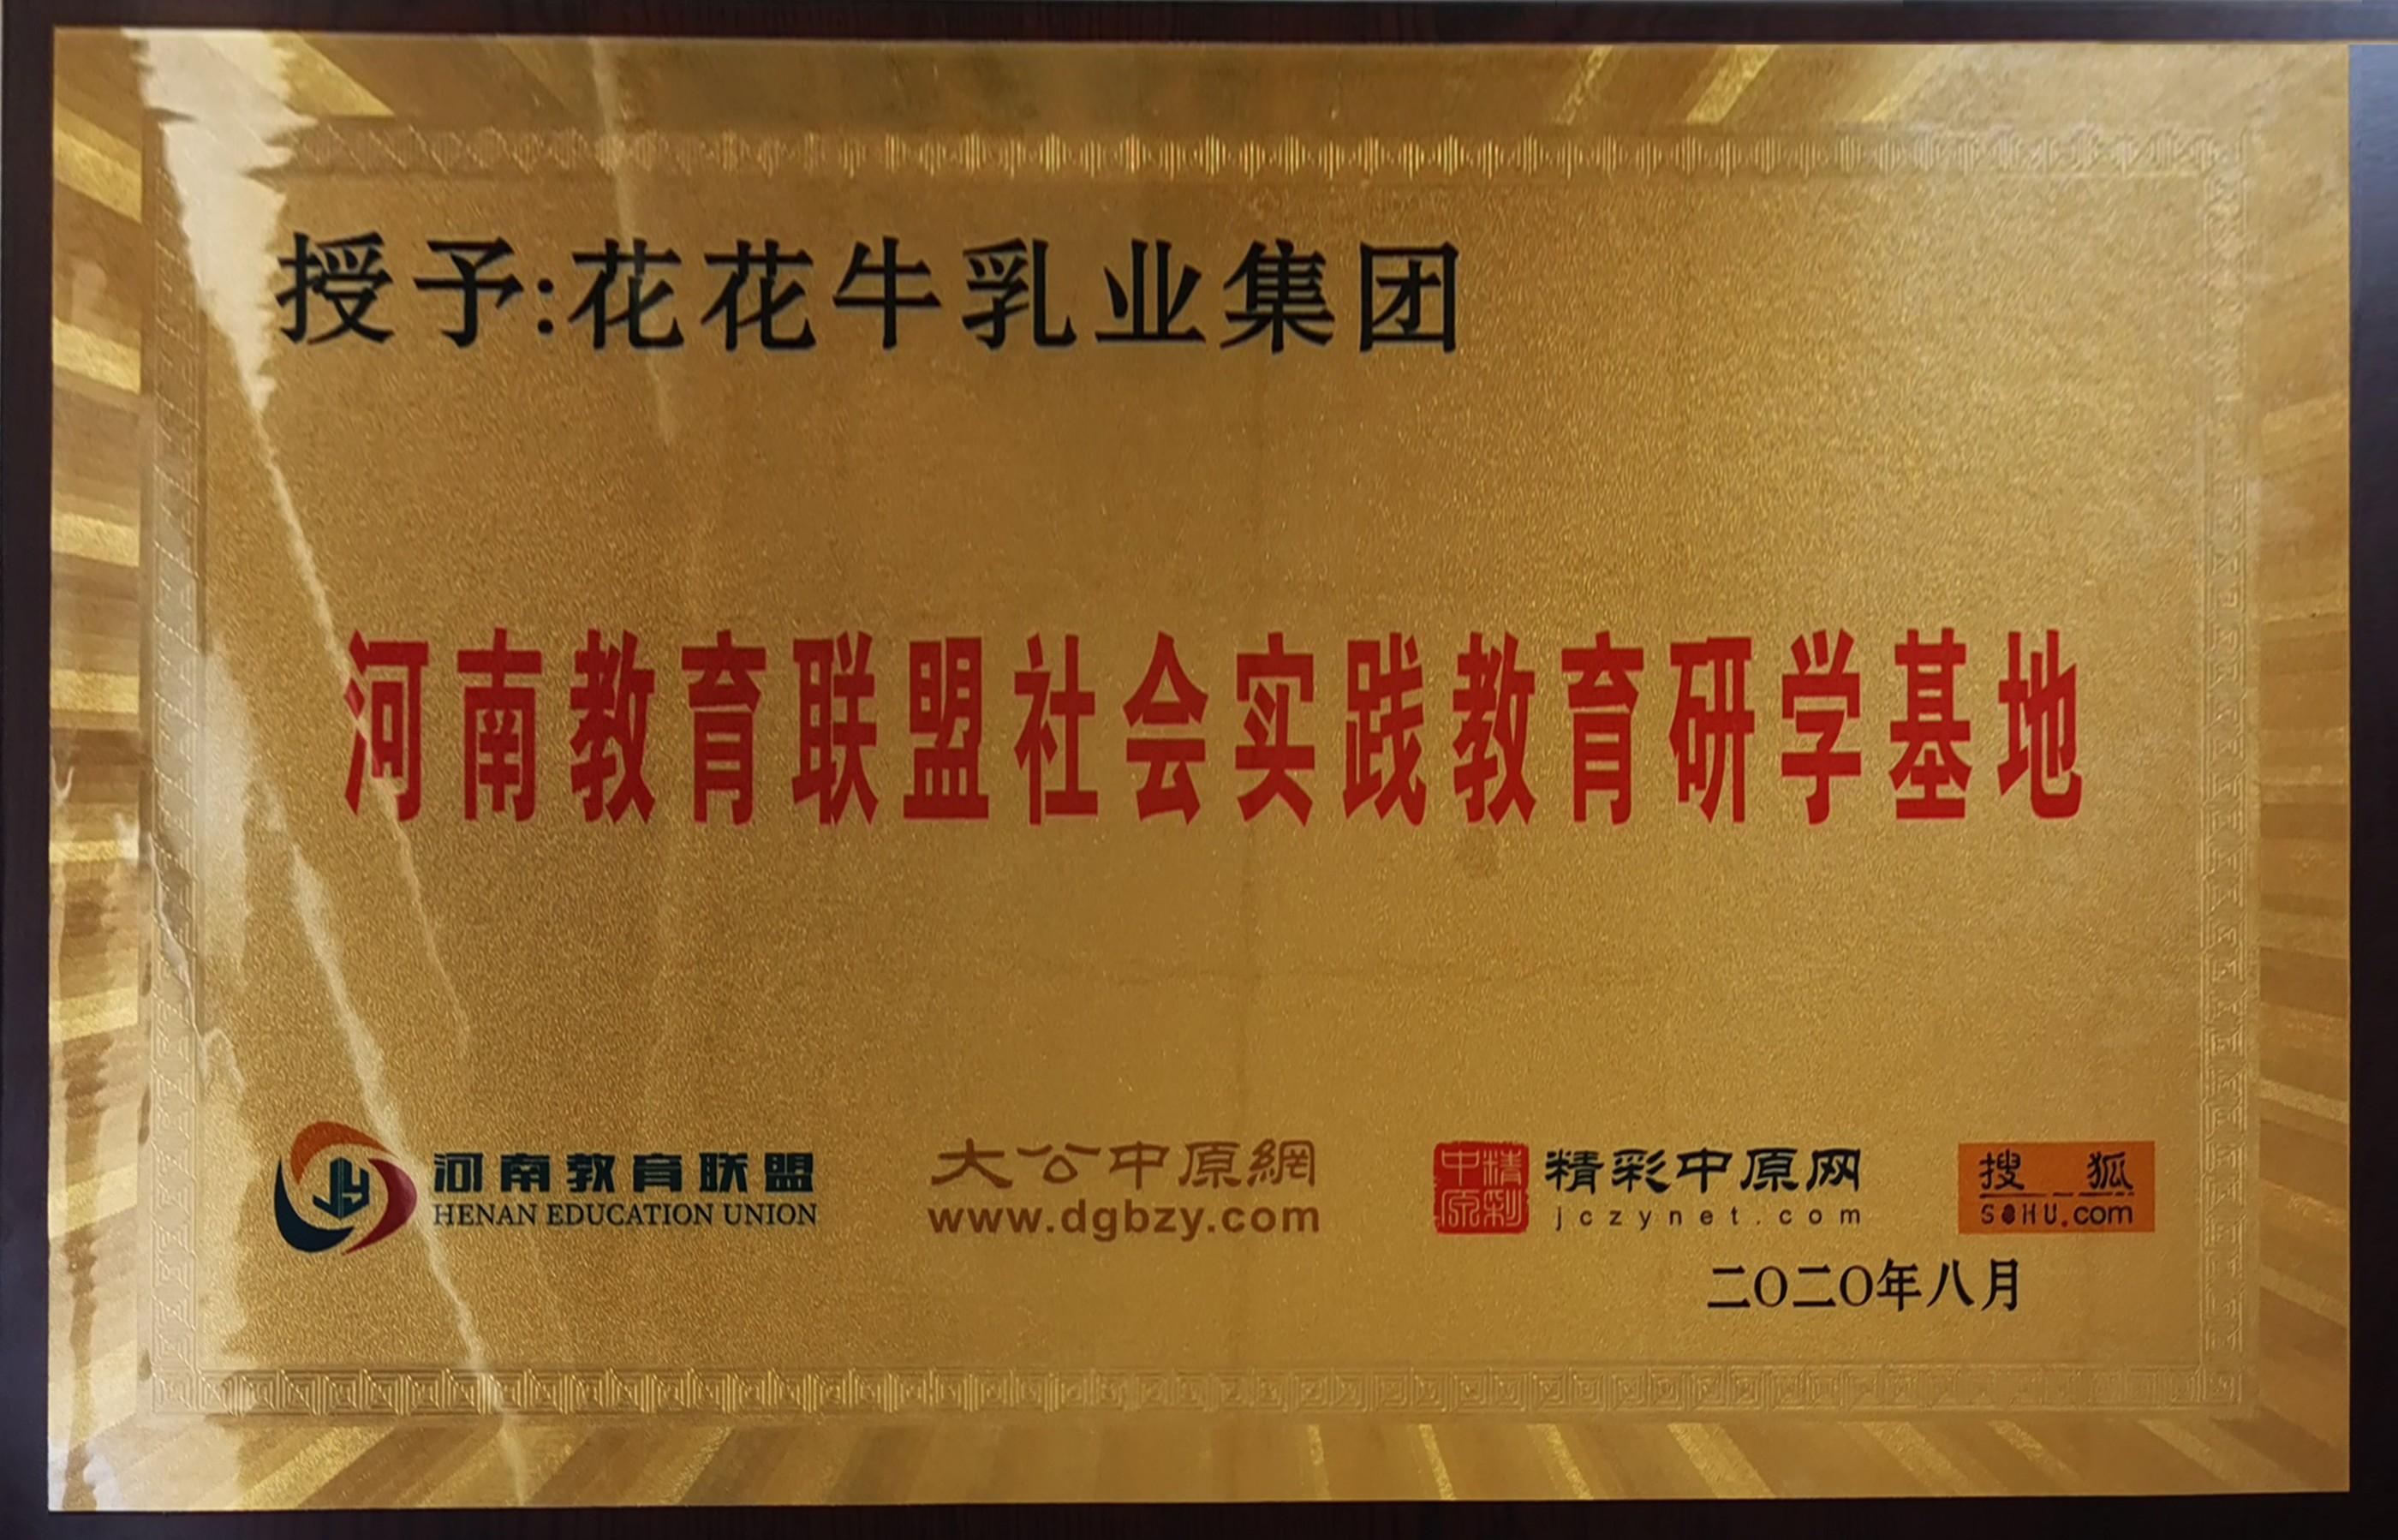 河南教育联盟社会实践教育研学基地